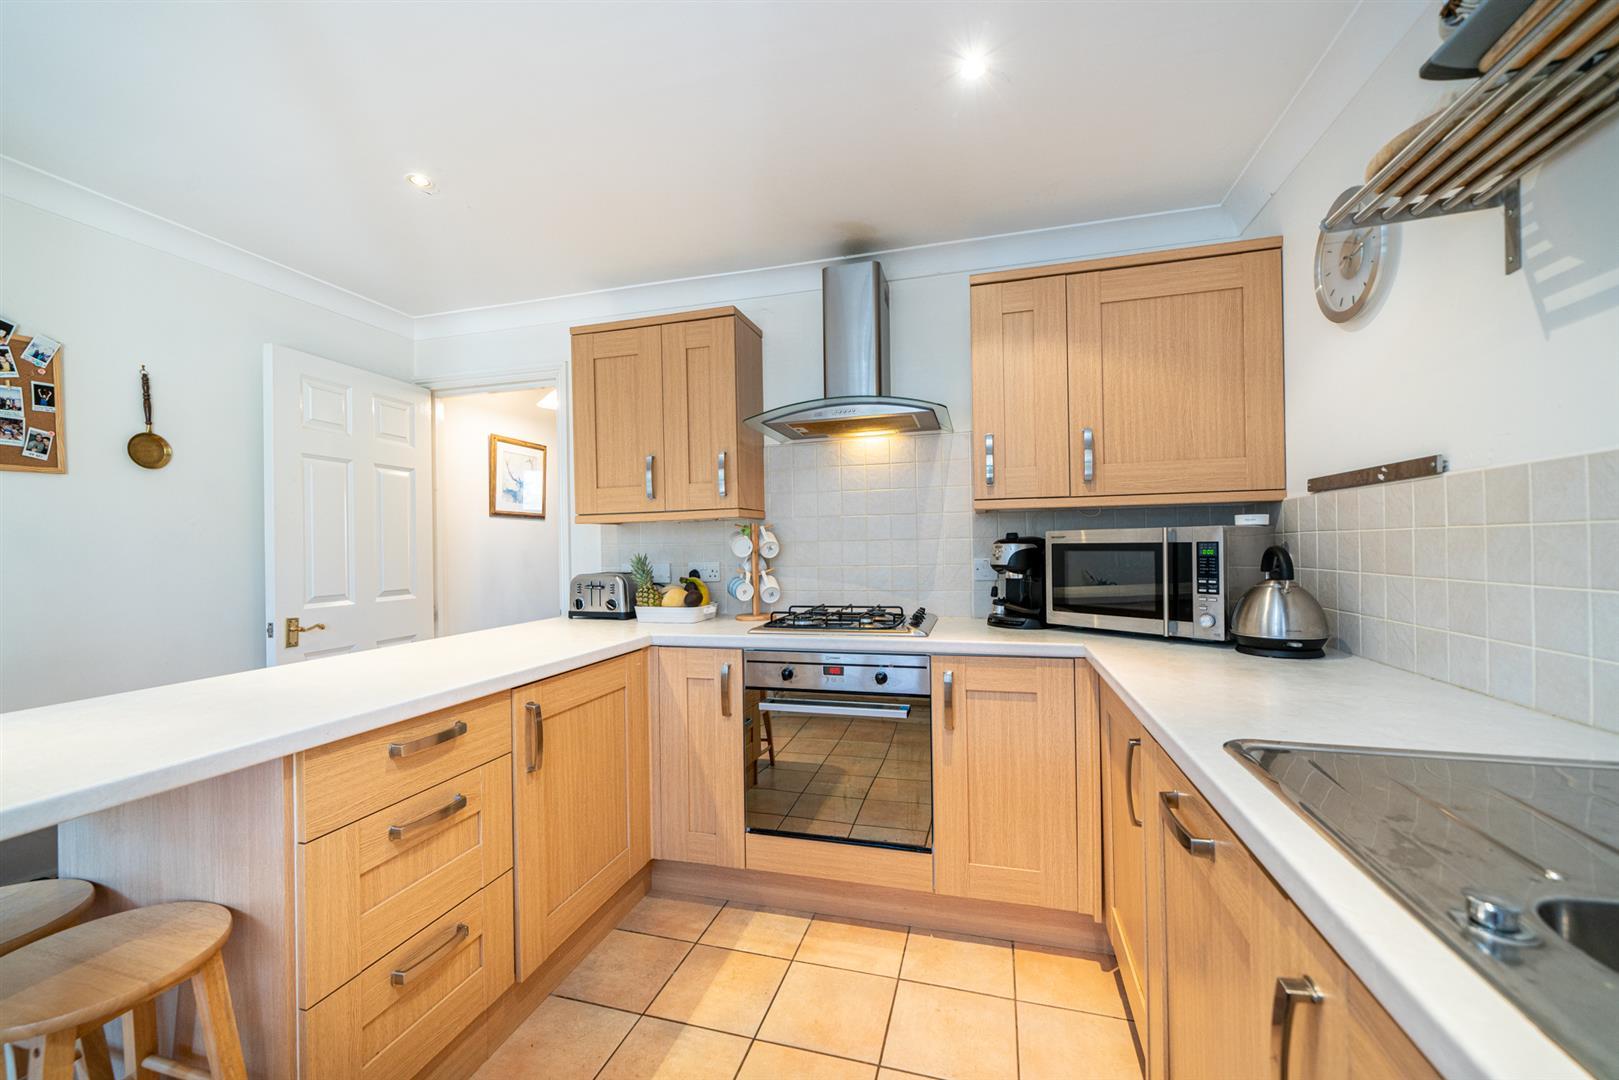 46-Cross-Oak-Road-1007-  kitchen 1.jpg